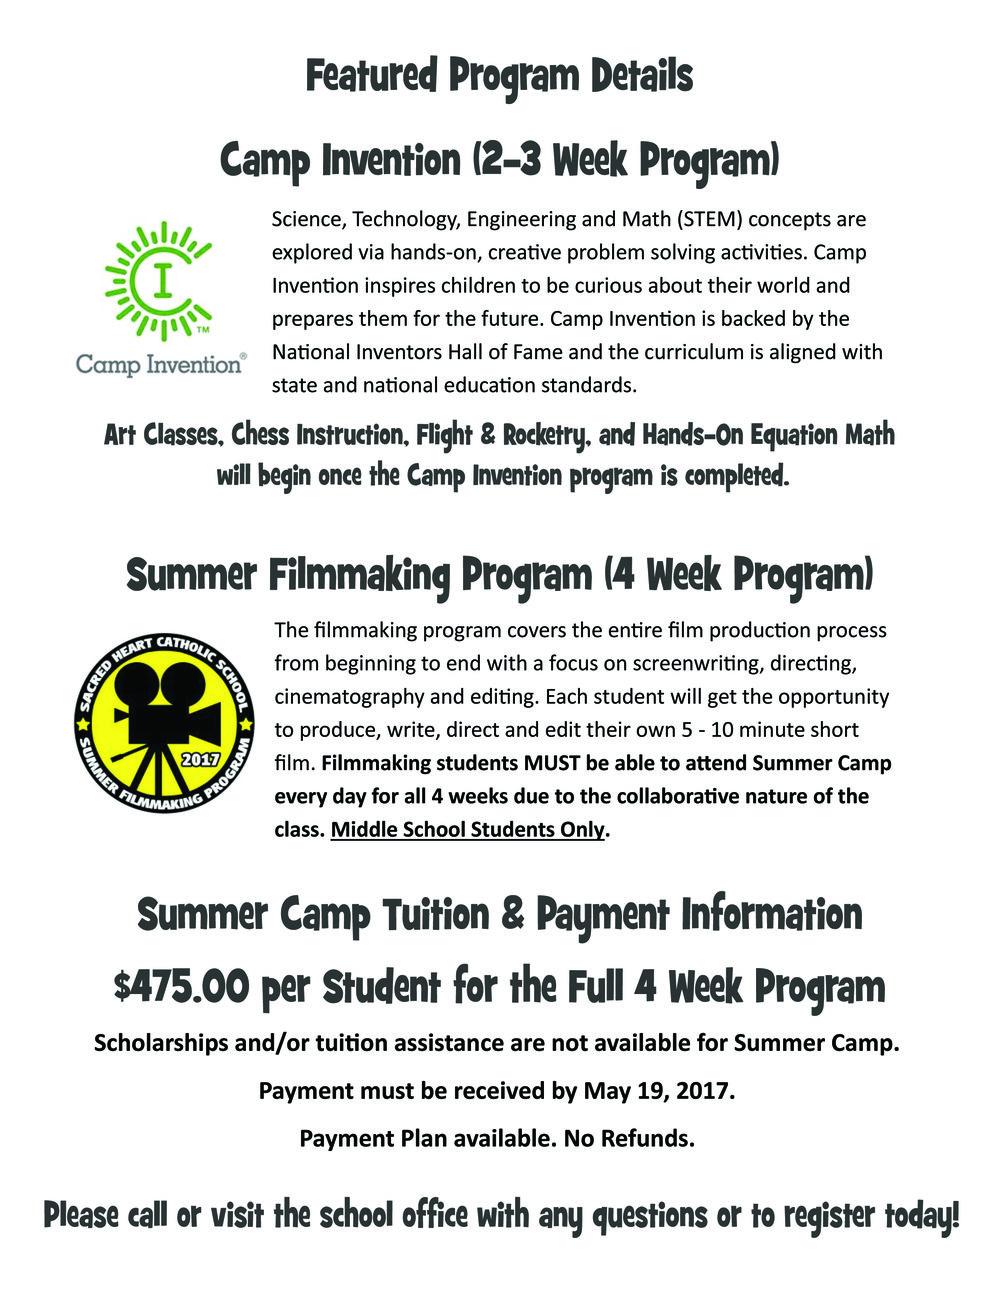 2017 Summer Camp Info Flyer.jpg